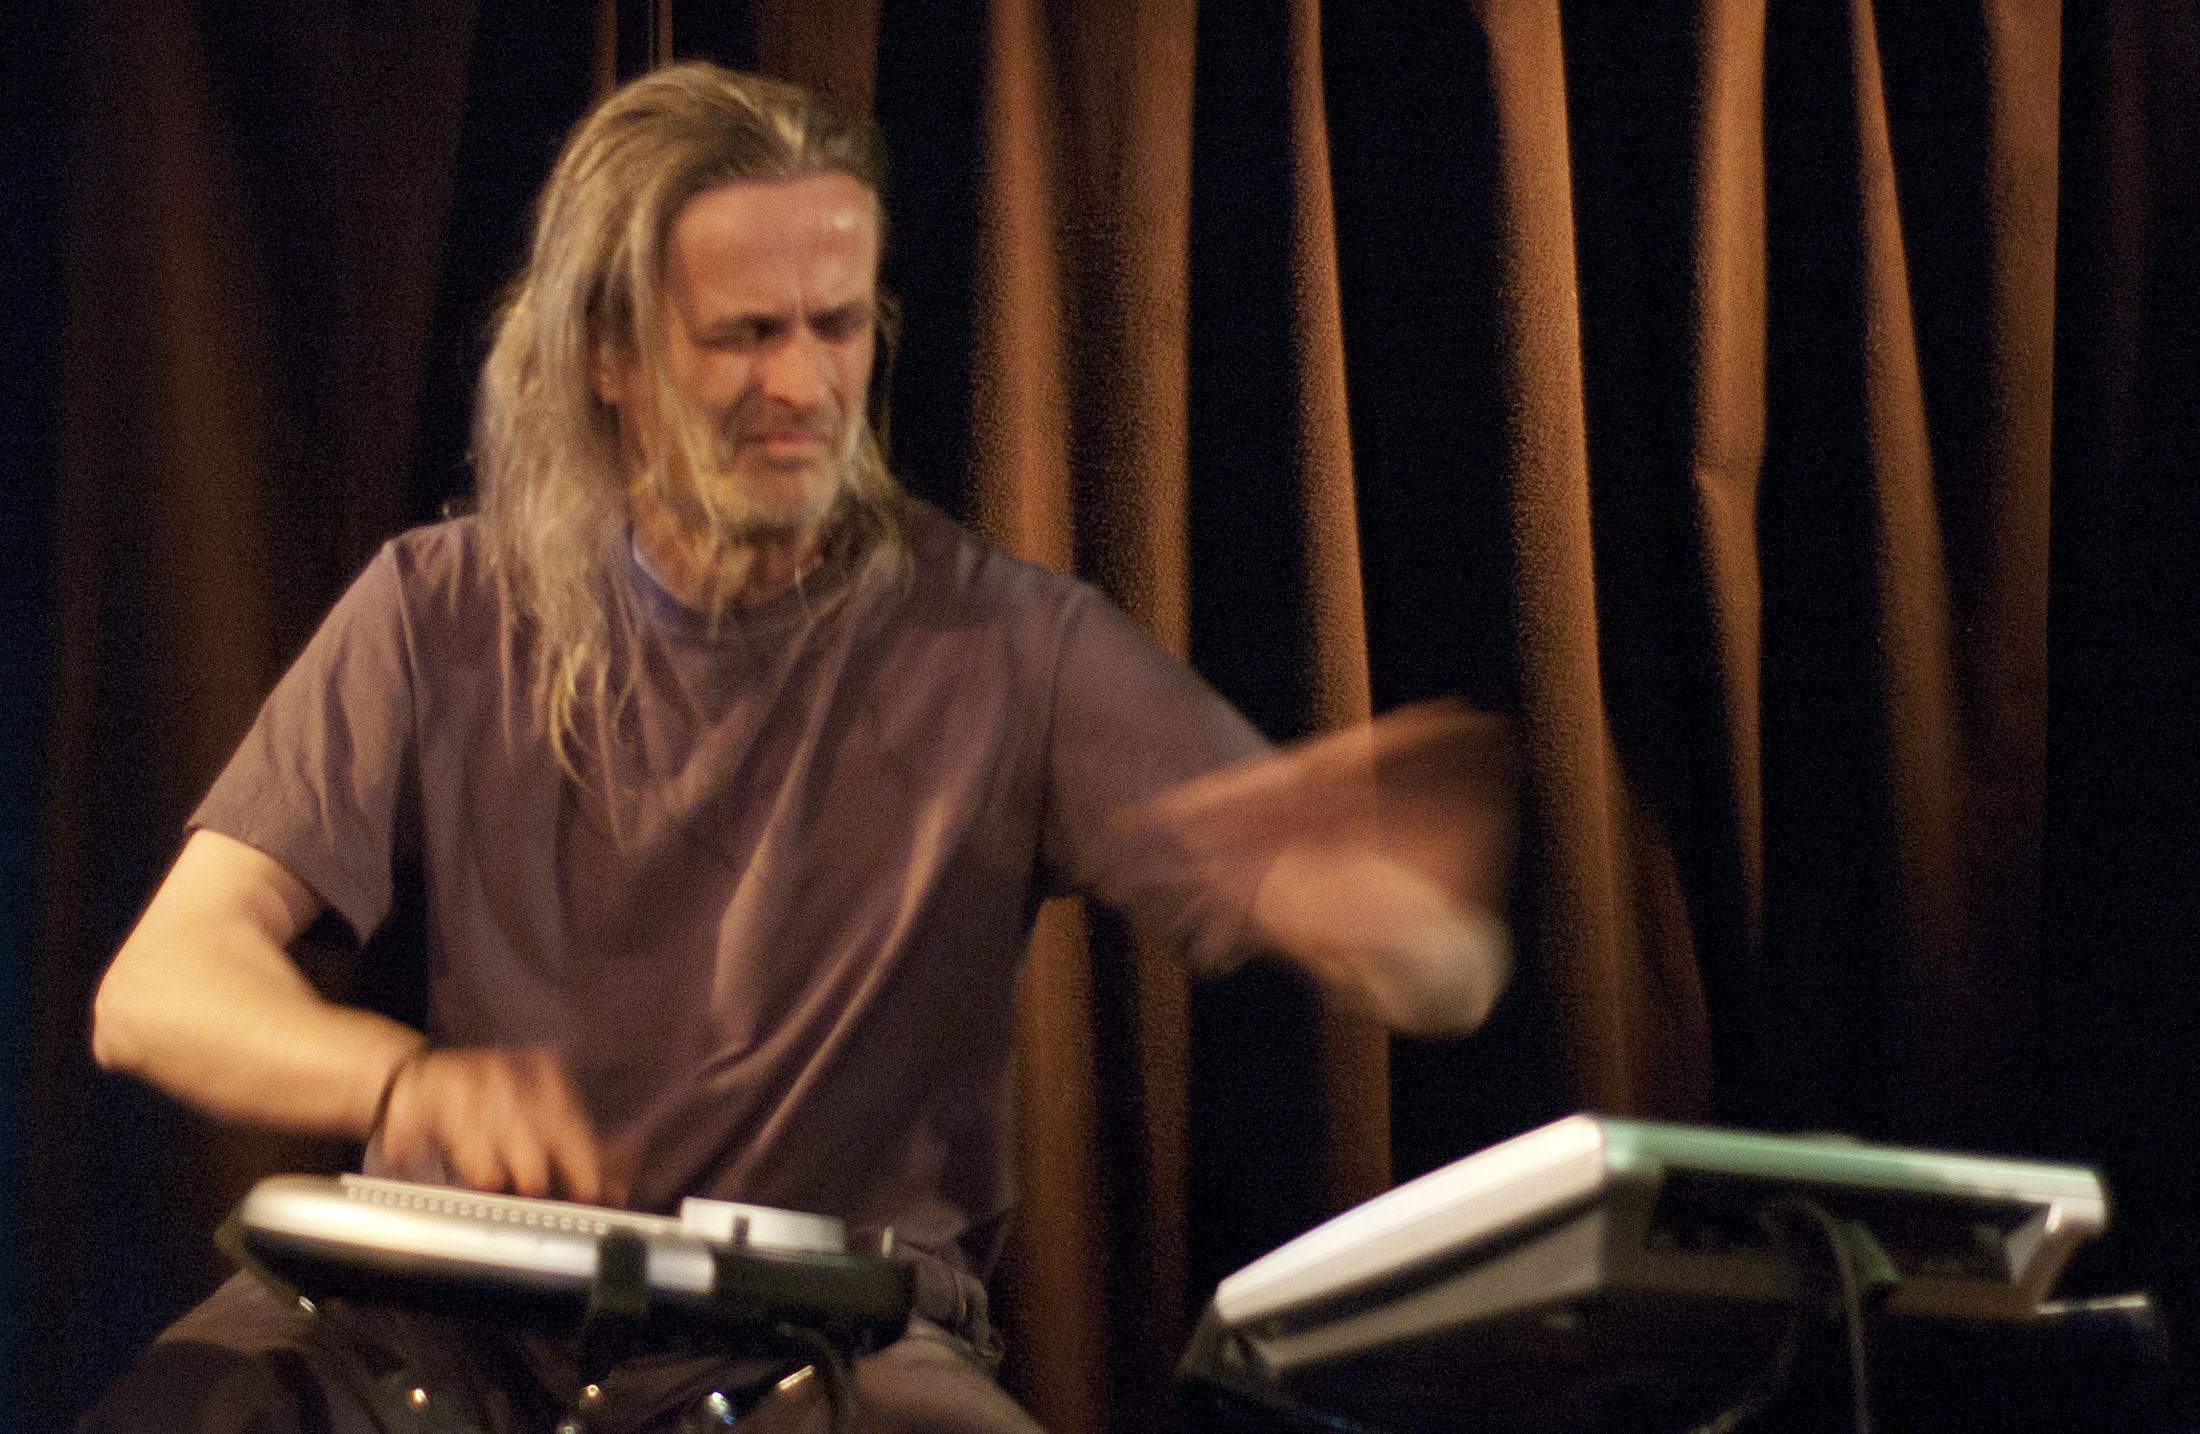 Audun Kleive with Arve Henriksen Trio at Nattjazz 2011